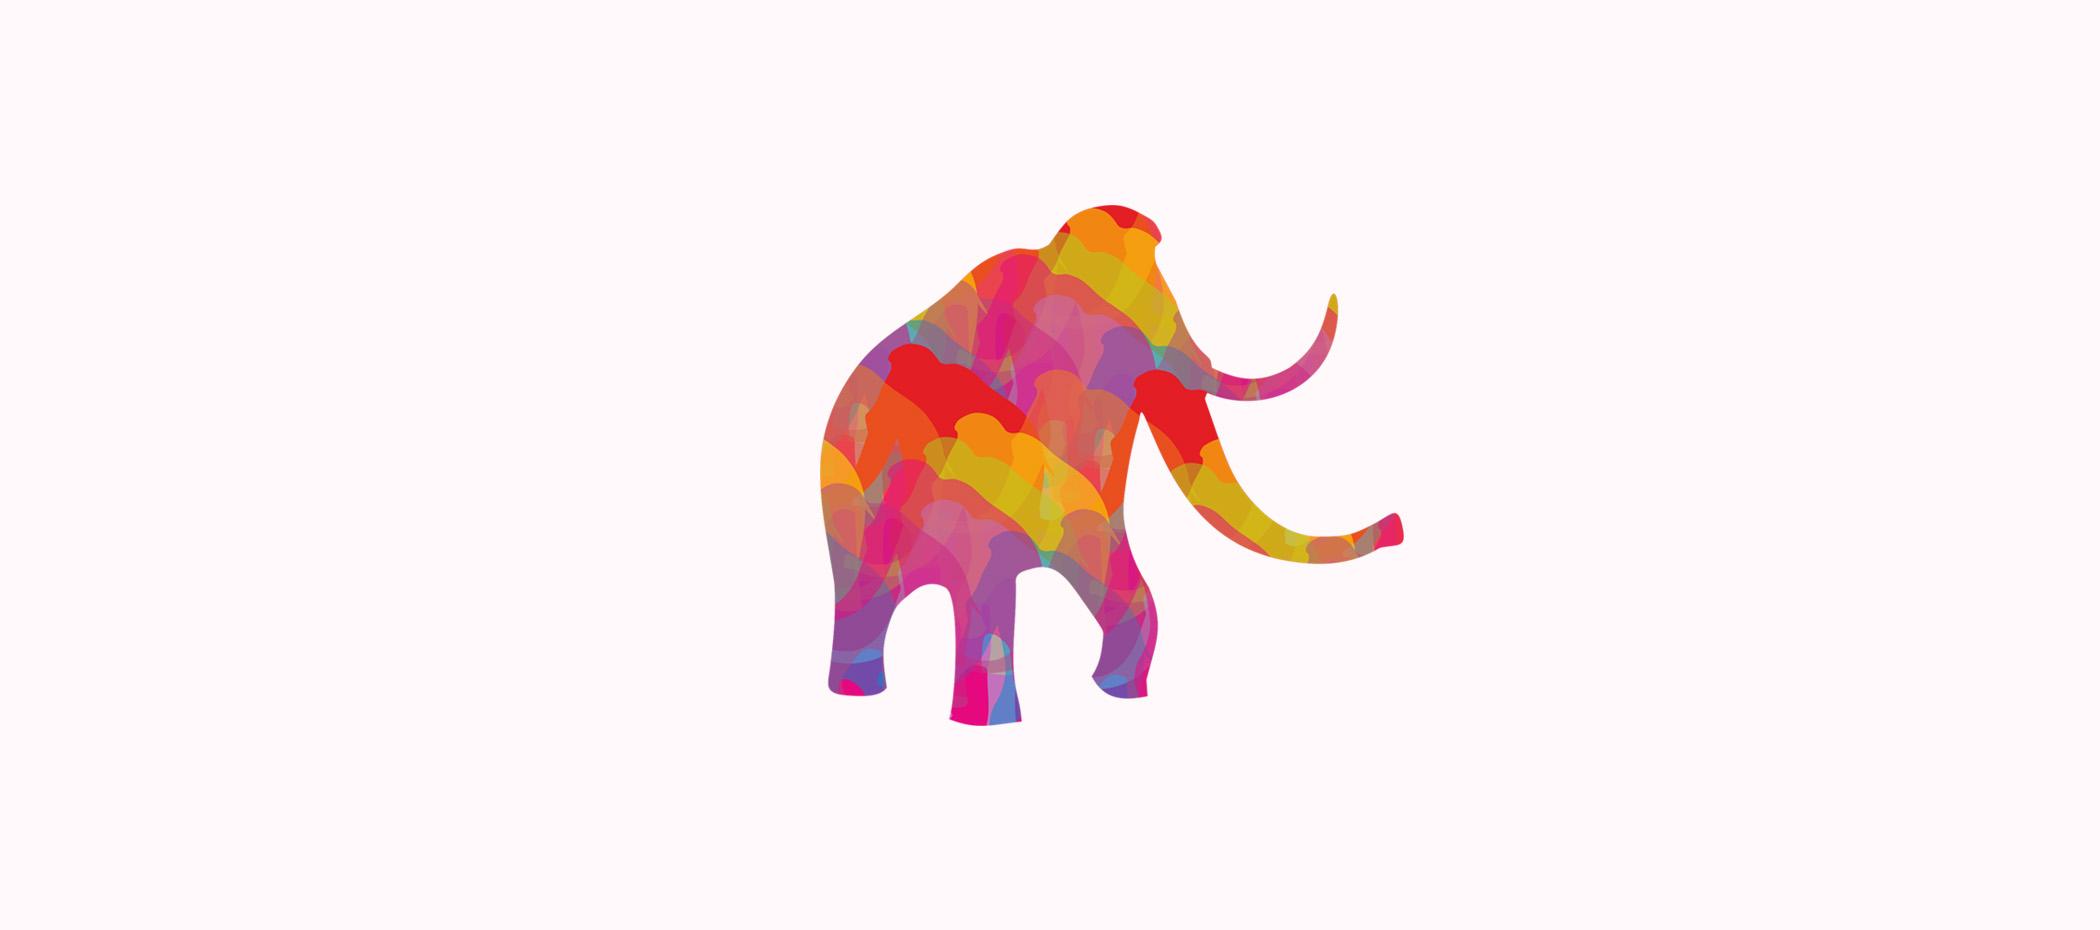 diseno logotipo - Beusual diseño grafico - 004 - MAF - Muestra de artes fantasticas santander